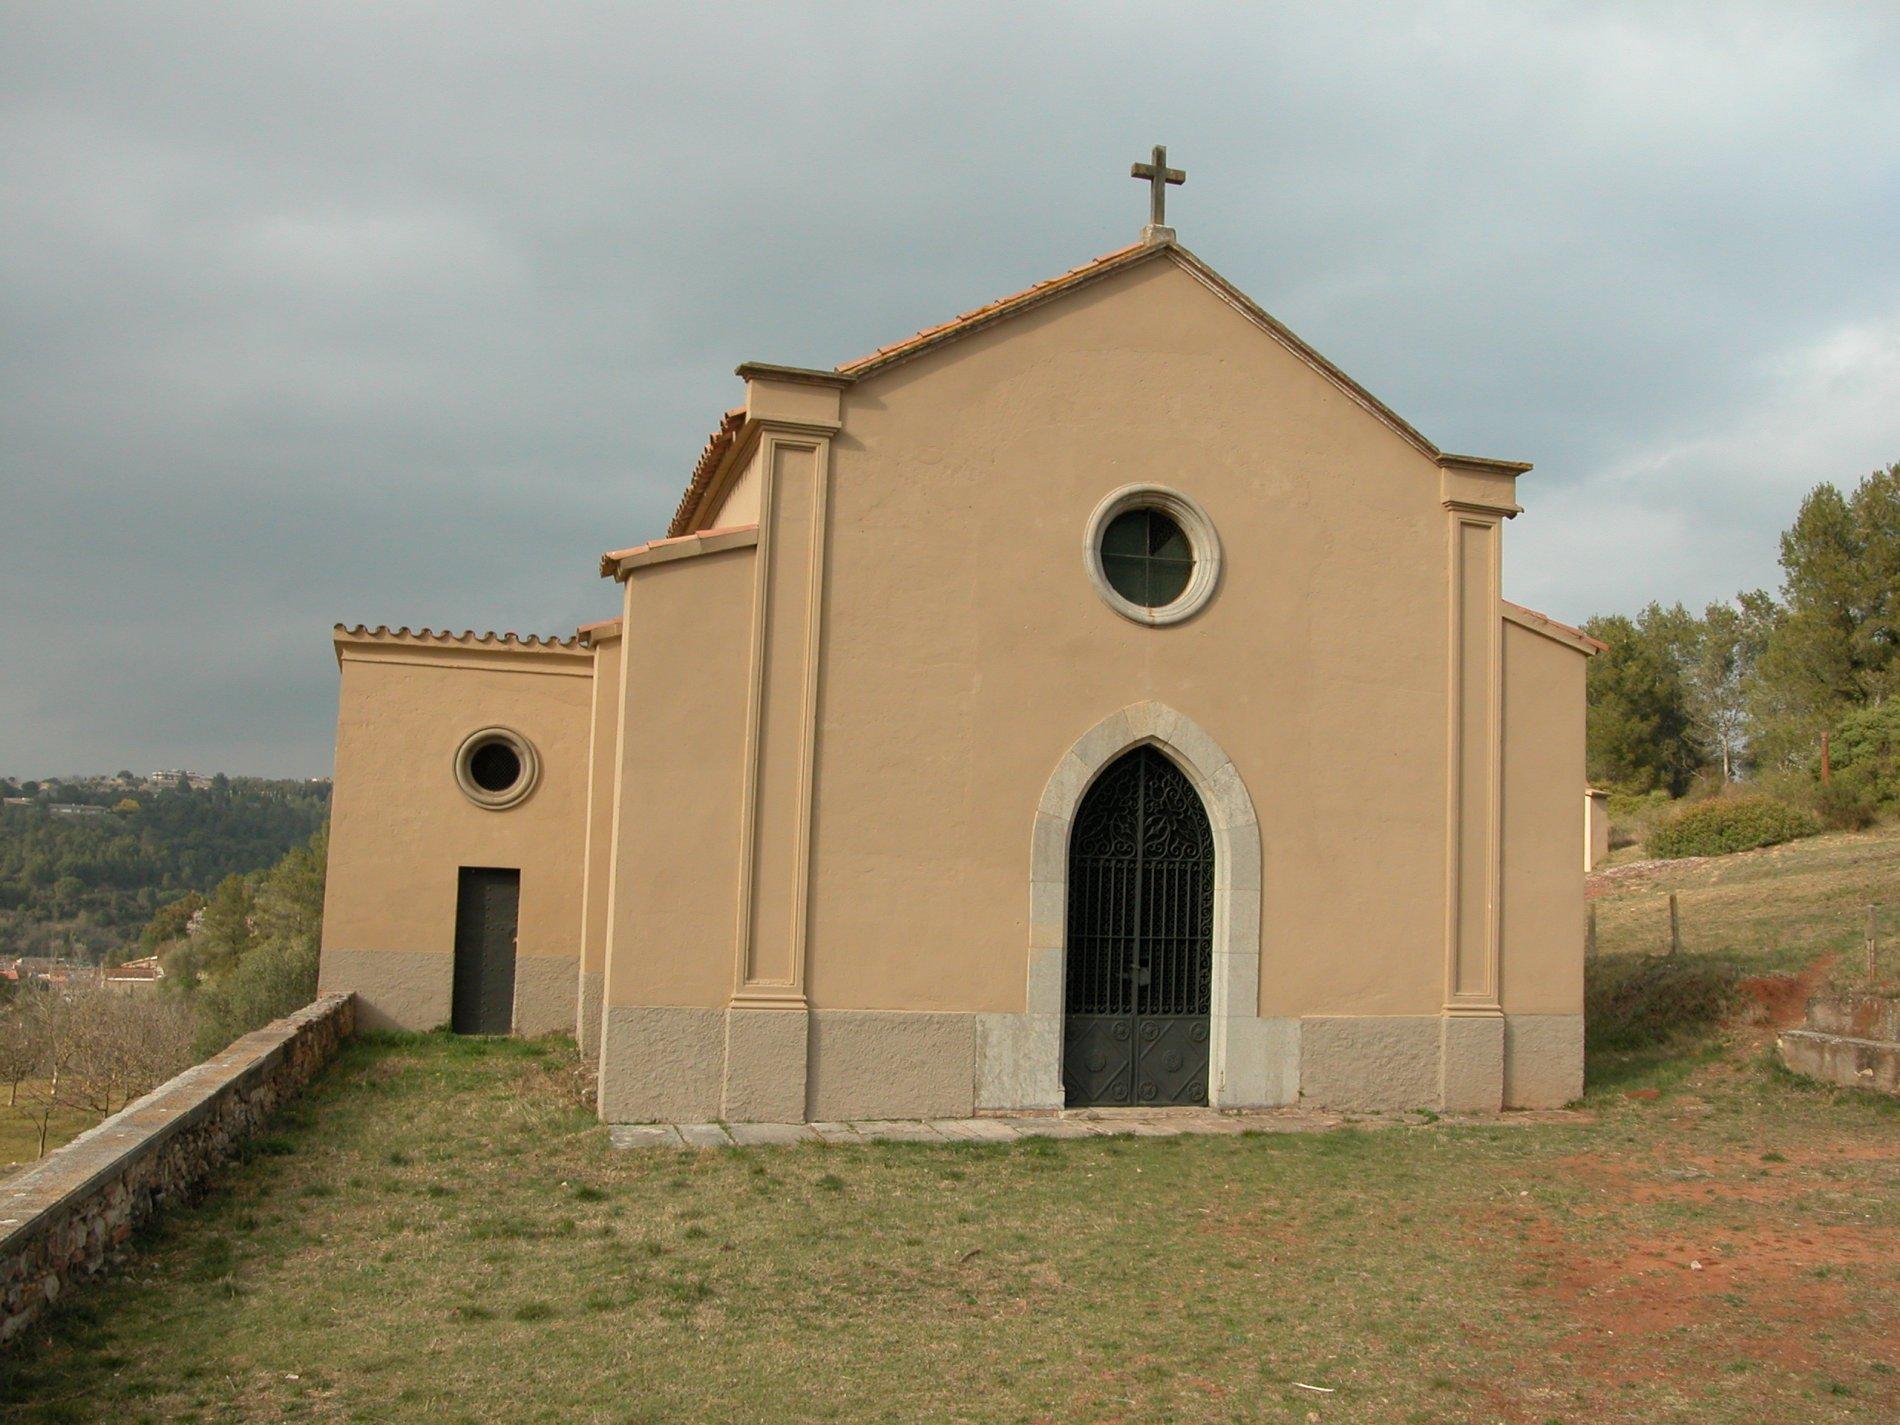 La imatge mostra la capella del Calvari, final del via crucis que puja per la muntanya.  A l'edifici pintat amb tons rosats en destaca l'entrada en forma d'arc apuntat i el rosetó superior. Al mig de la teulada hi ha una creu.